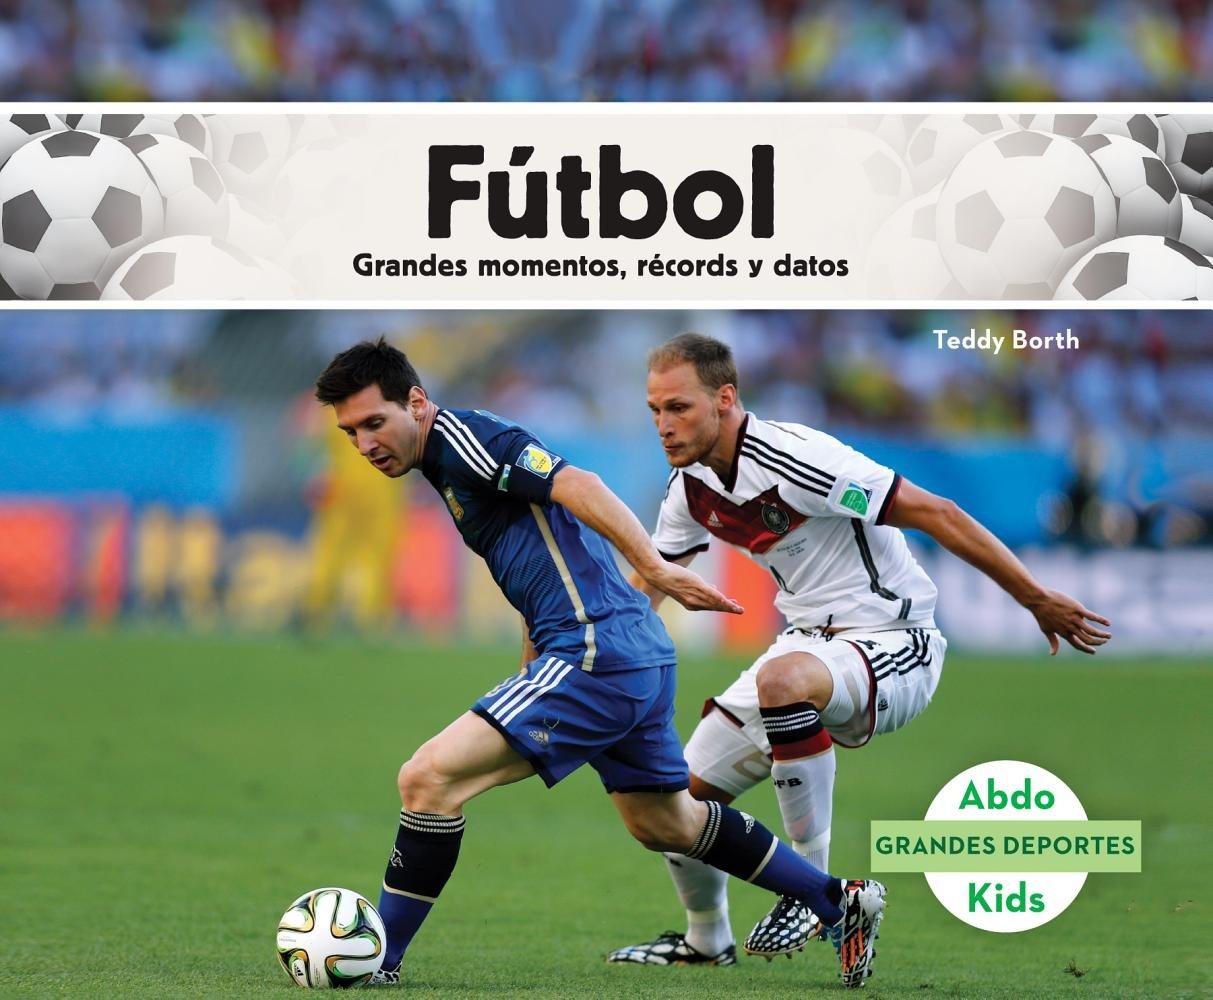 Futbol: Grandes Momentos, Records Y Datos/Great Moments, Records, and Facts (Grandes Deportes/Great Sports) (Spanish Edition) ebook